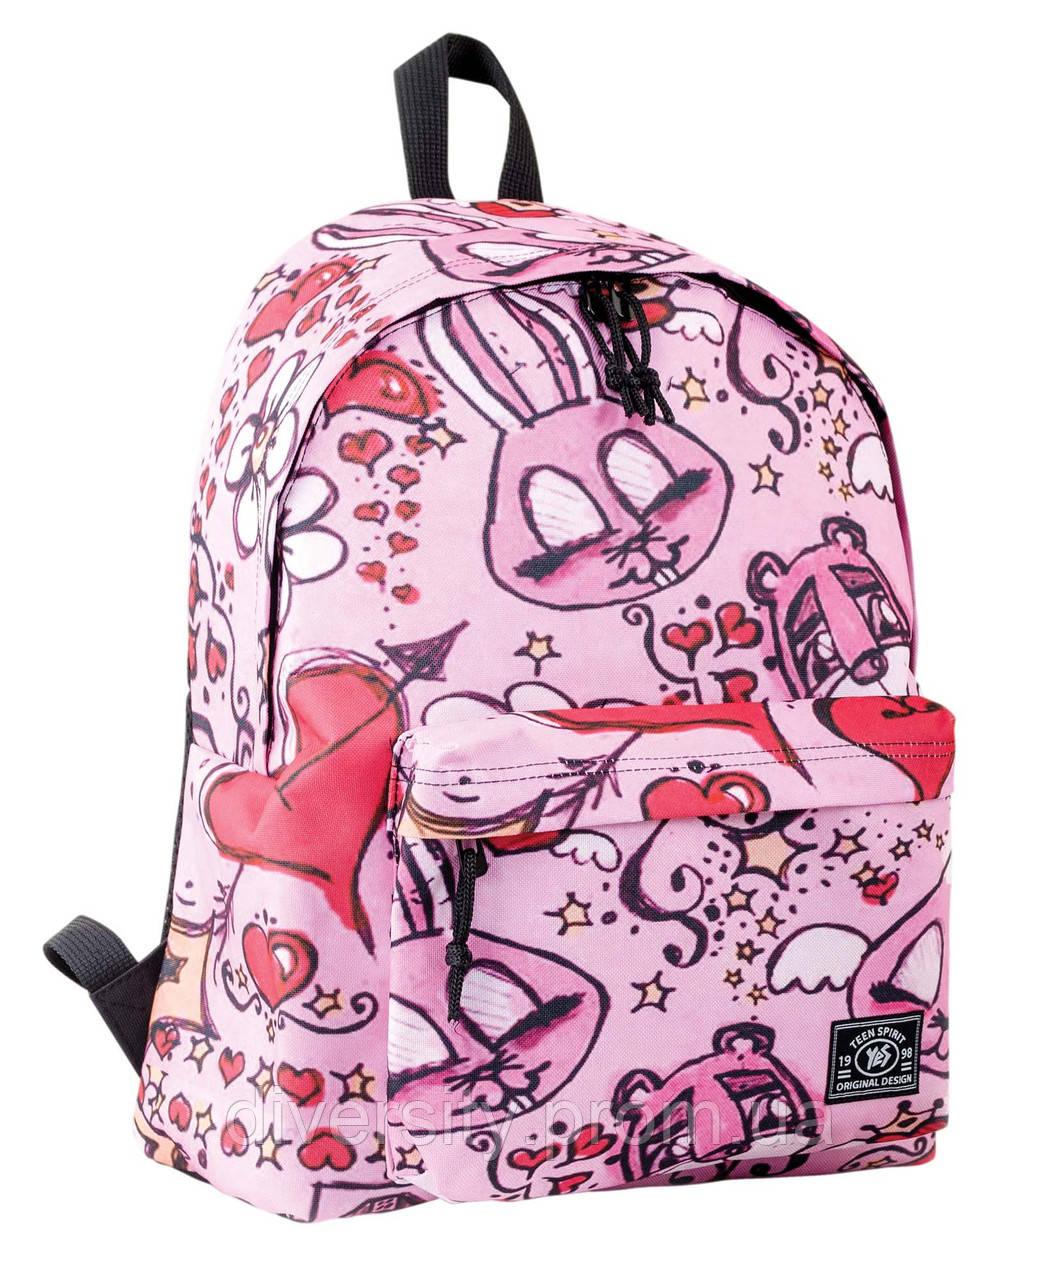 """Яркий и стильный  рюкзак """"Crazy 04"""" от компании  Yes"""